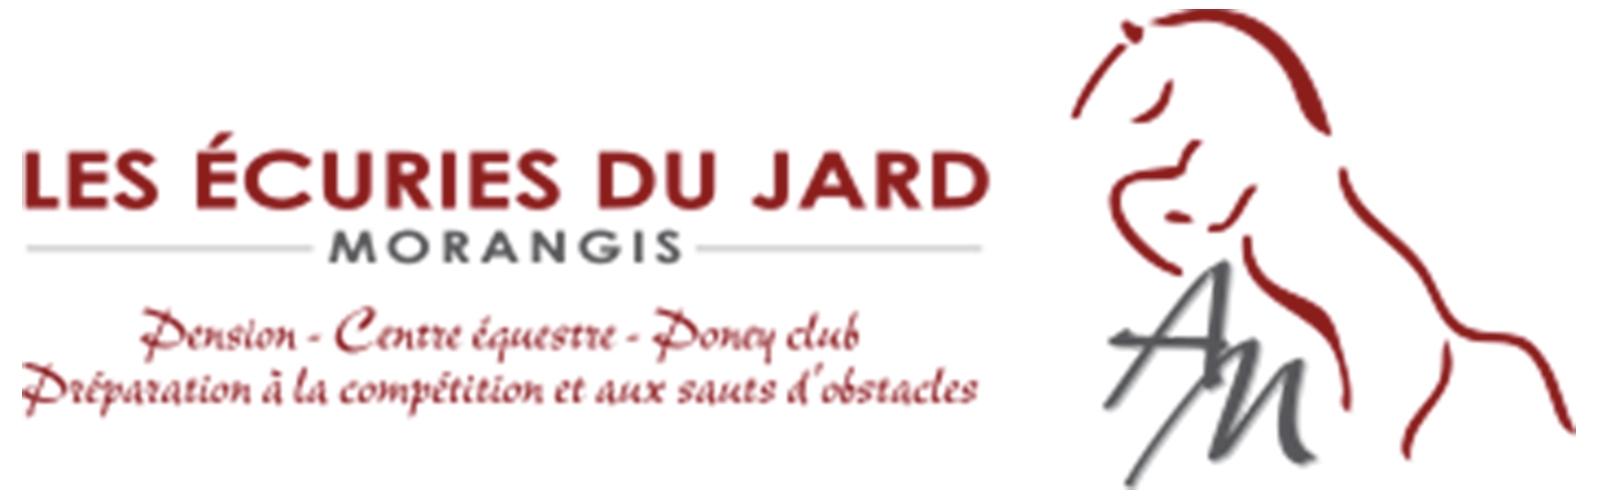 écuries-du-jard-Morangis